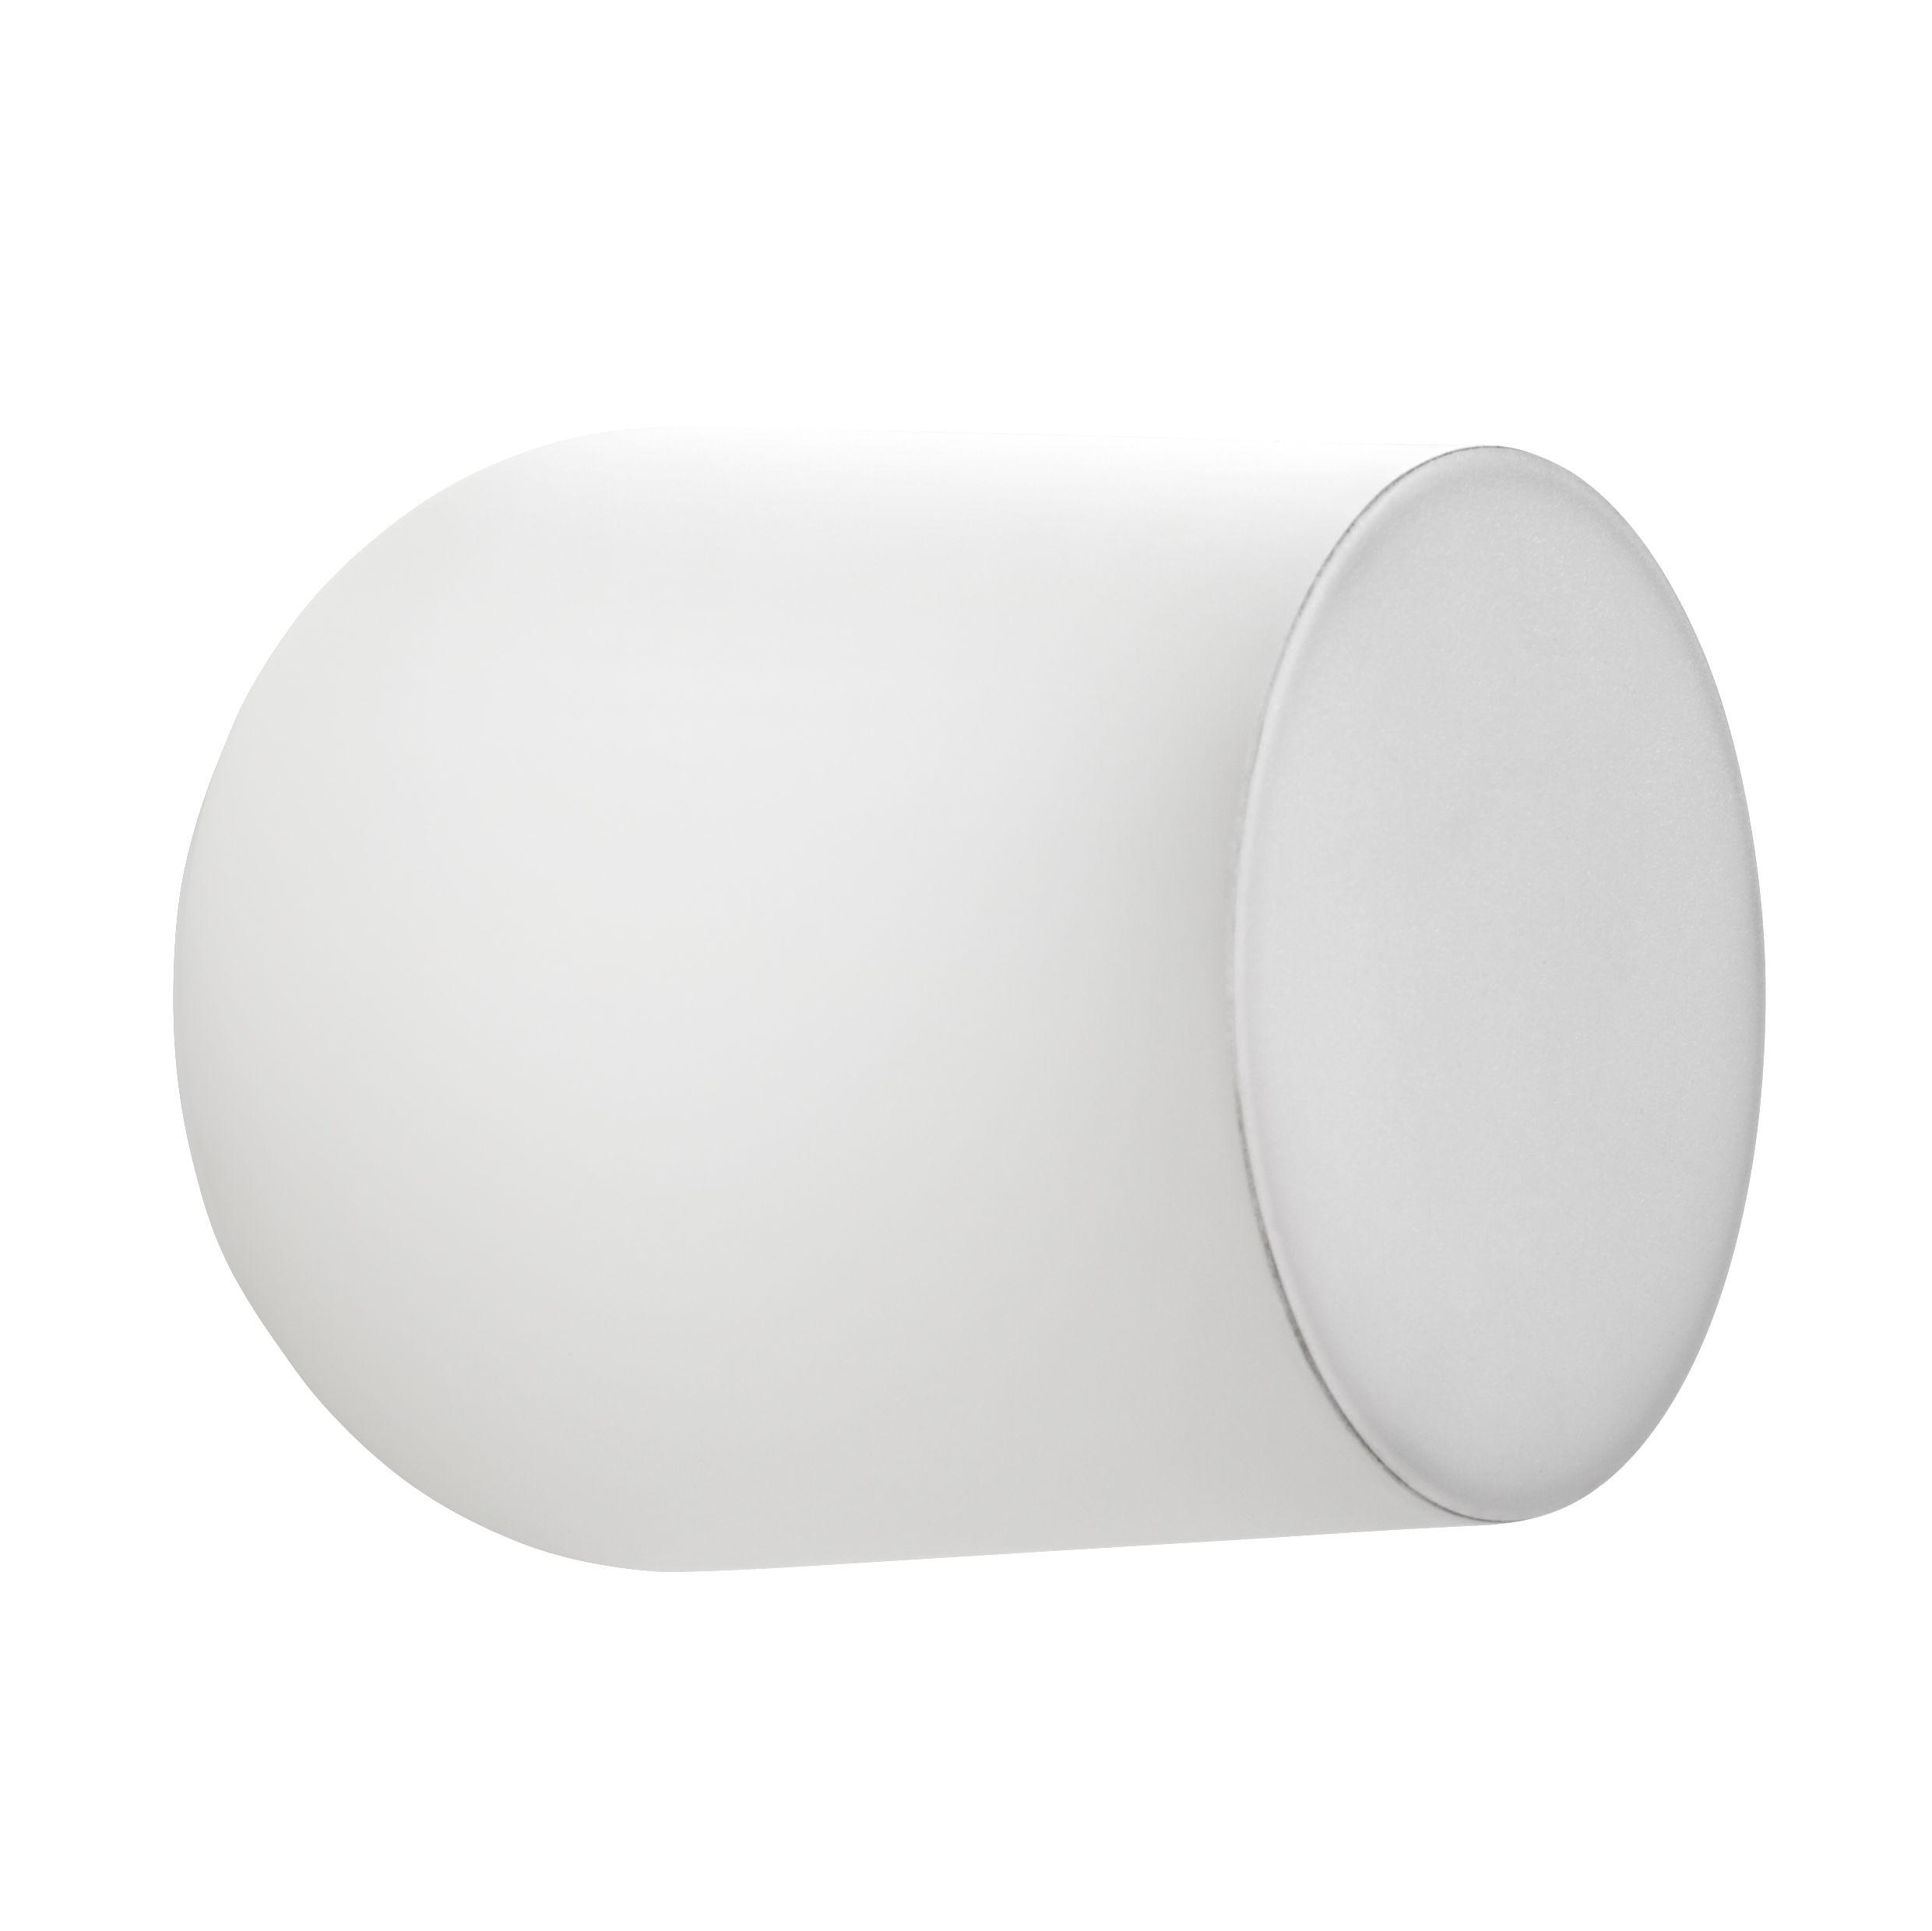 Luminaire - Appliques - Applique Passepartout JH10 / LED - Ø 15,5 x H 17 cm - &tradition - Blanc mat - Métal laqué, Polycarbonate